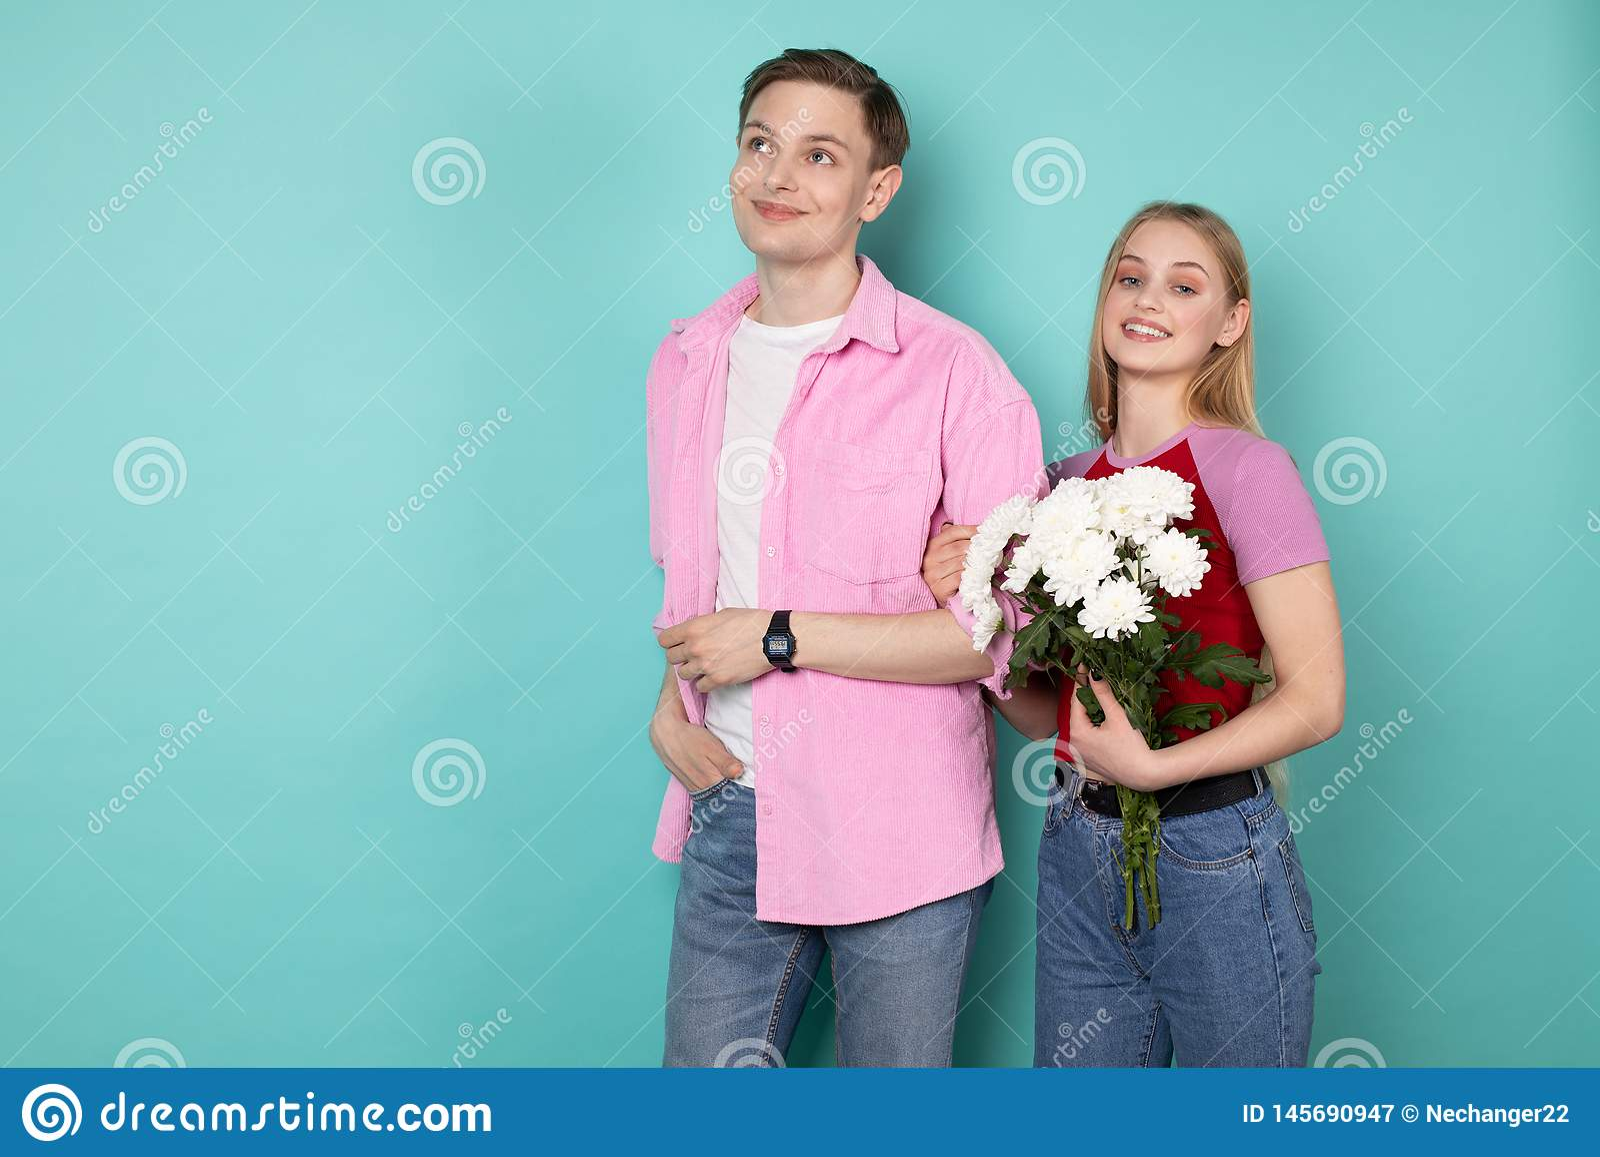 Ρομαντικό νέο ζεύγος, όμορφο άτομο στο ρόδινο πουκάμισο με το όμορφο εύθυμο ξανθό κορίτσι